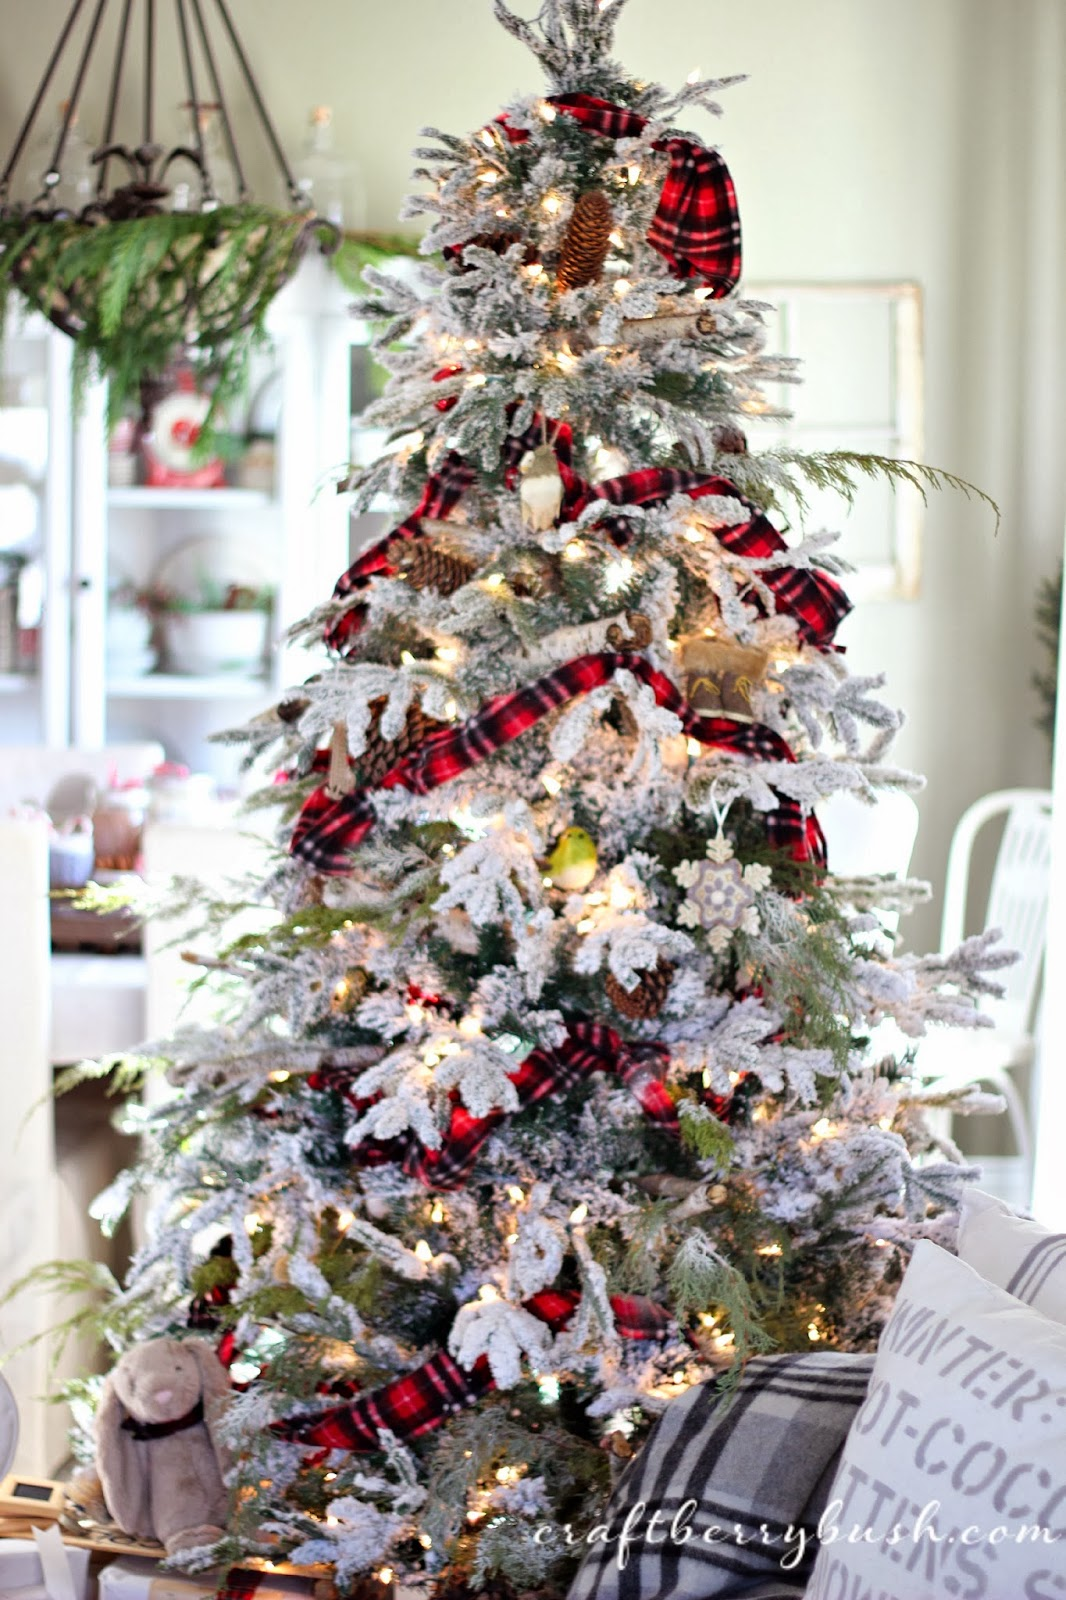 Arboles De Navidad Decorados En Dorado Y Plateado